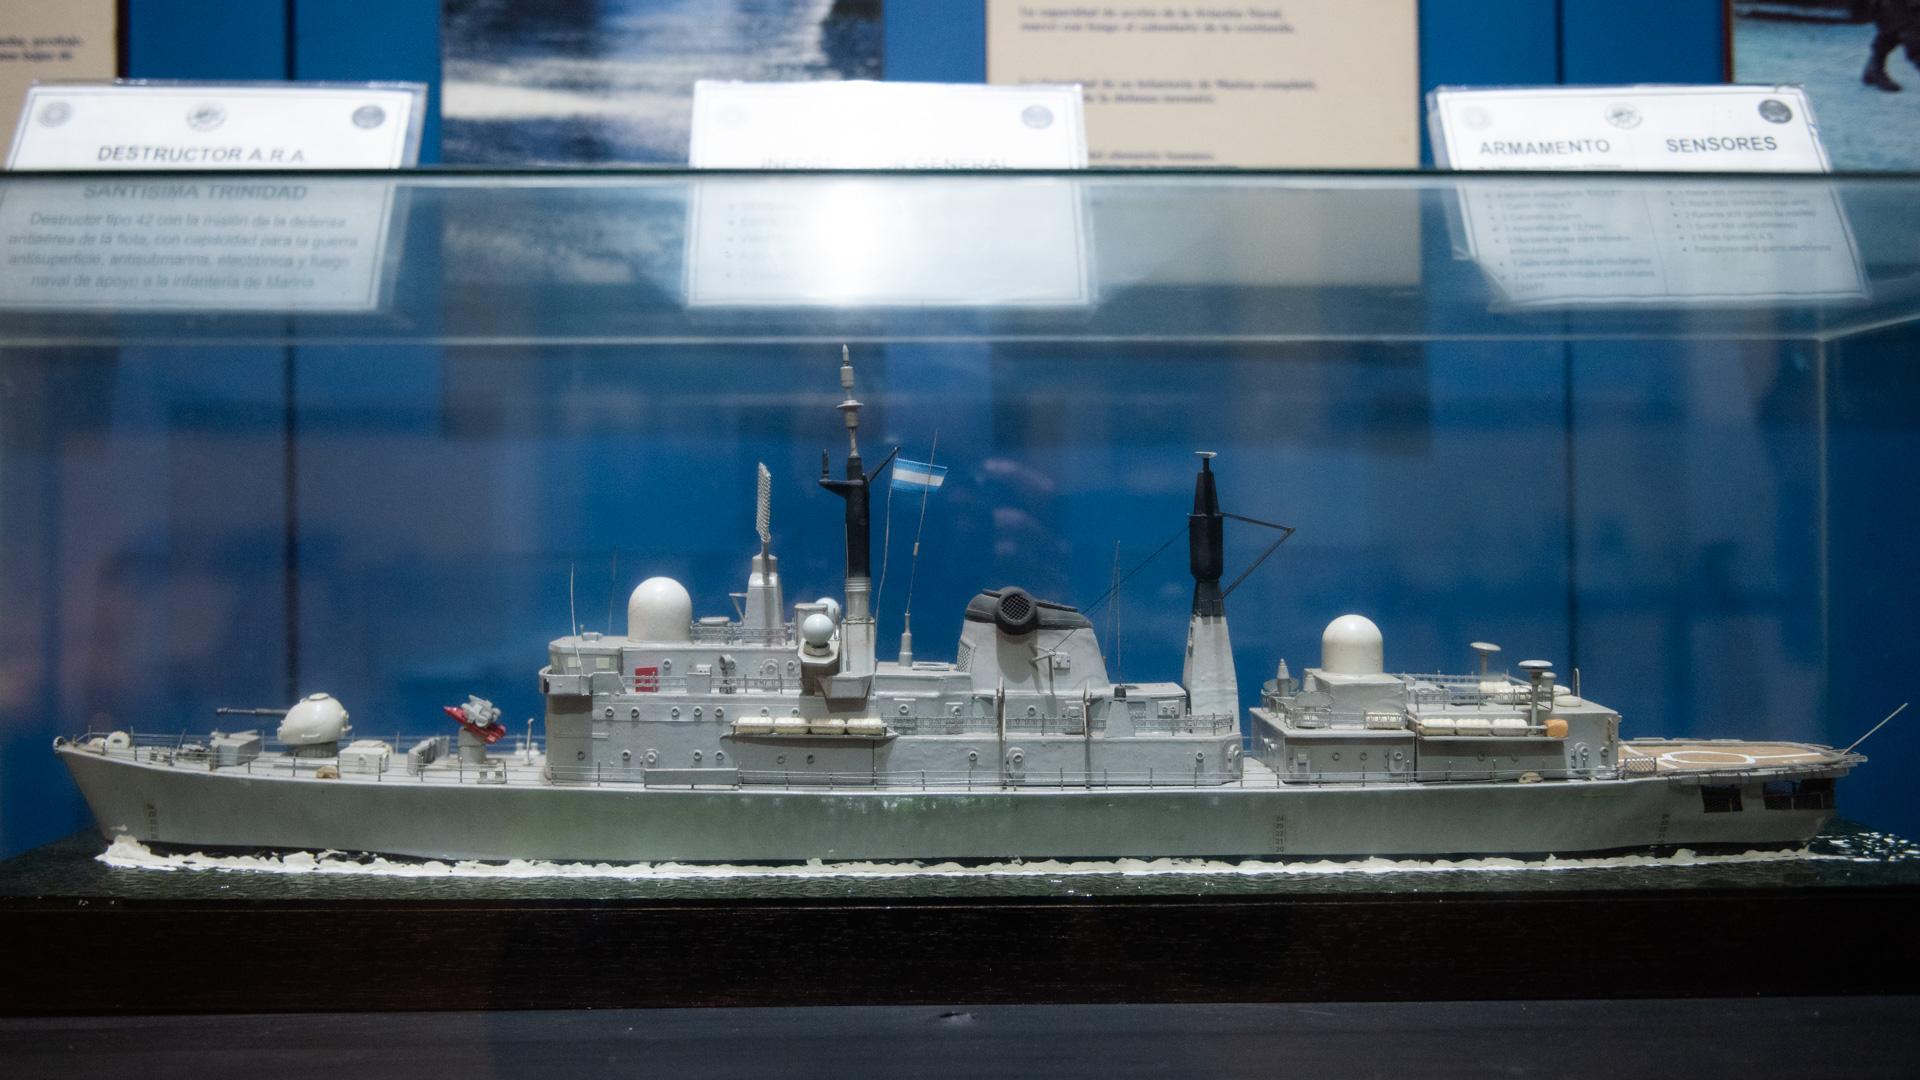 Dentro de las instalaciones del Museo del Ejército Argentino se pueden observar maquetas de la flota de la Armada que participaron en los combates por la recuperación de las Islas Malvinas